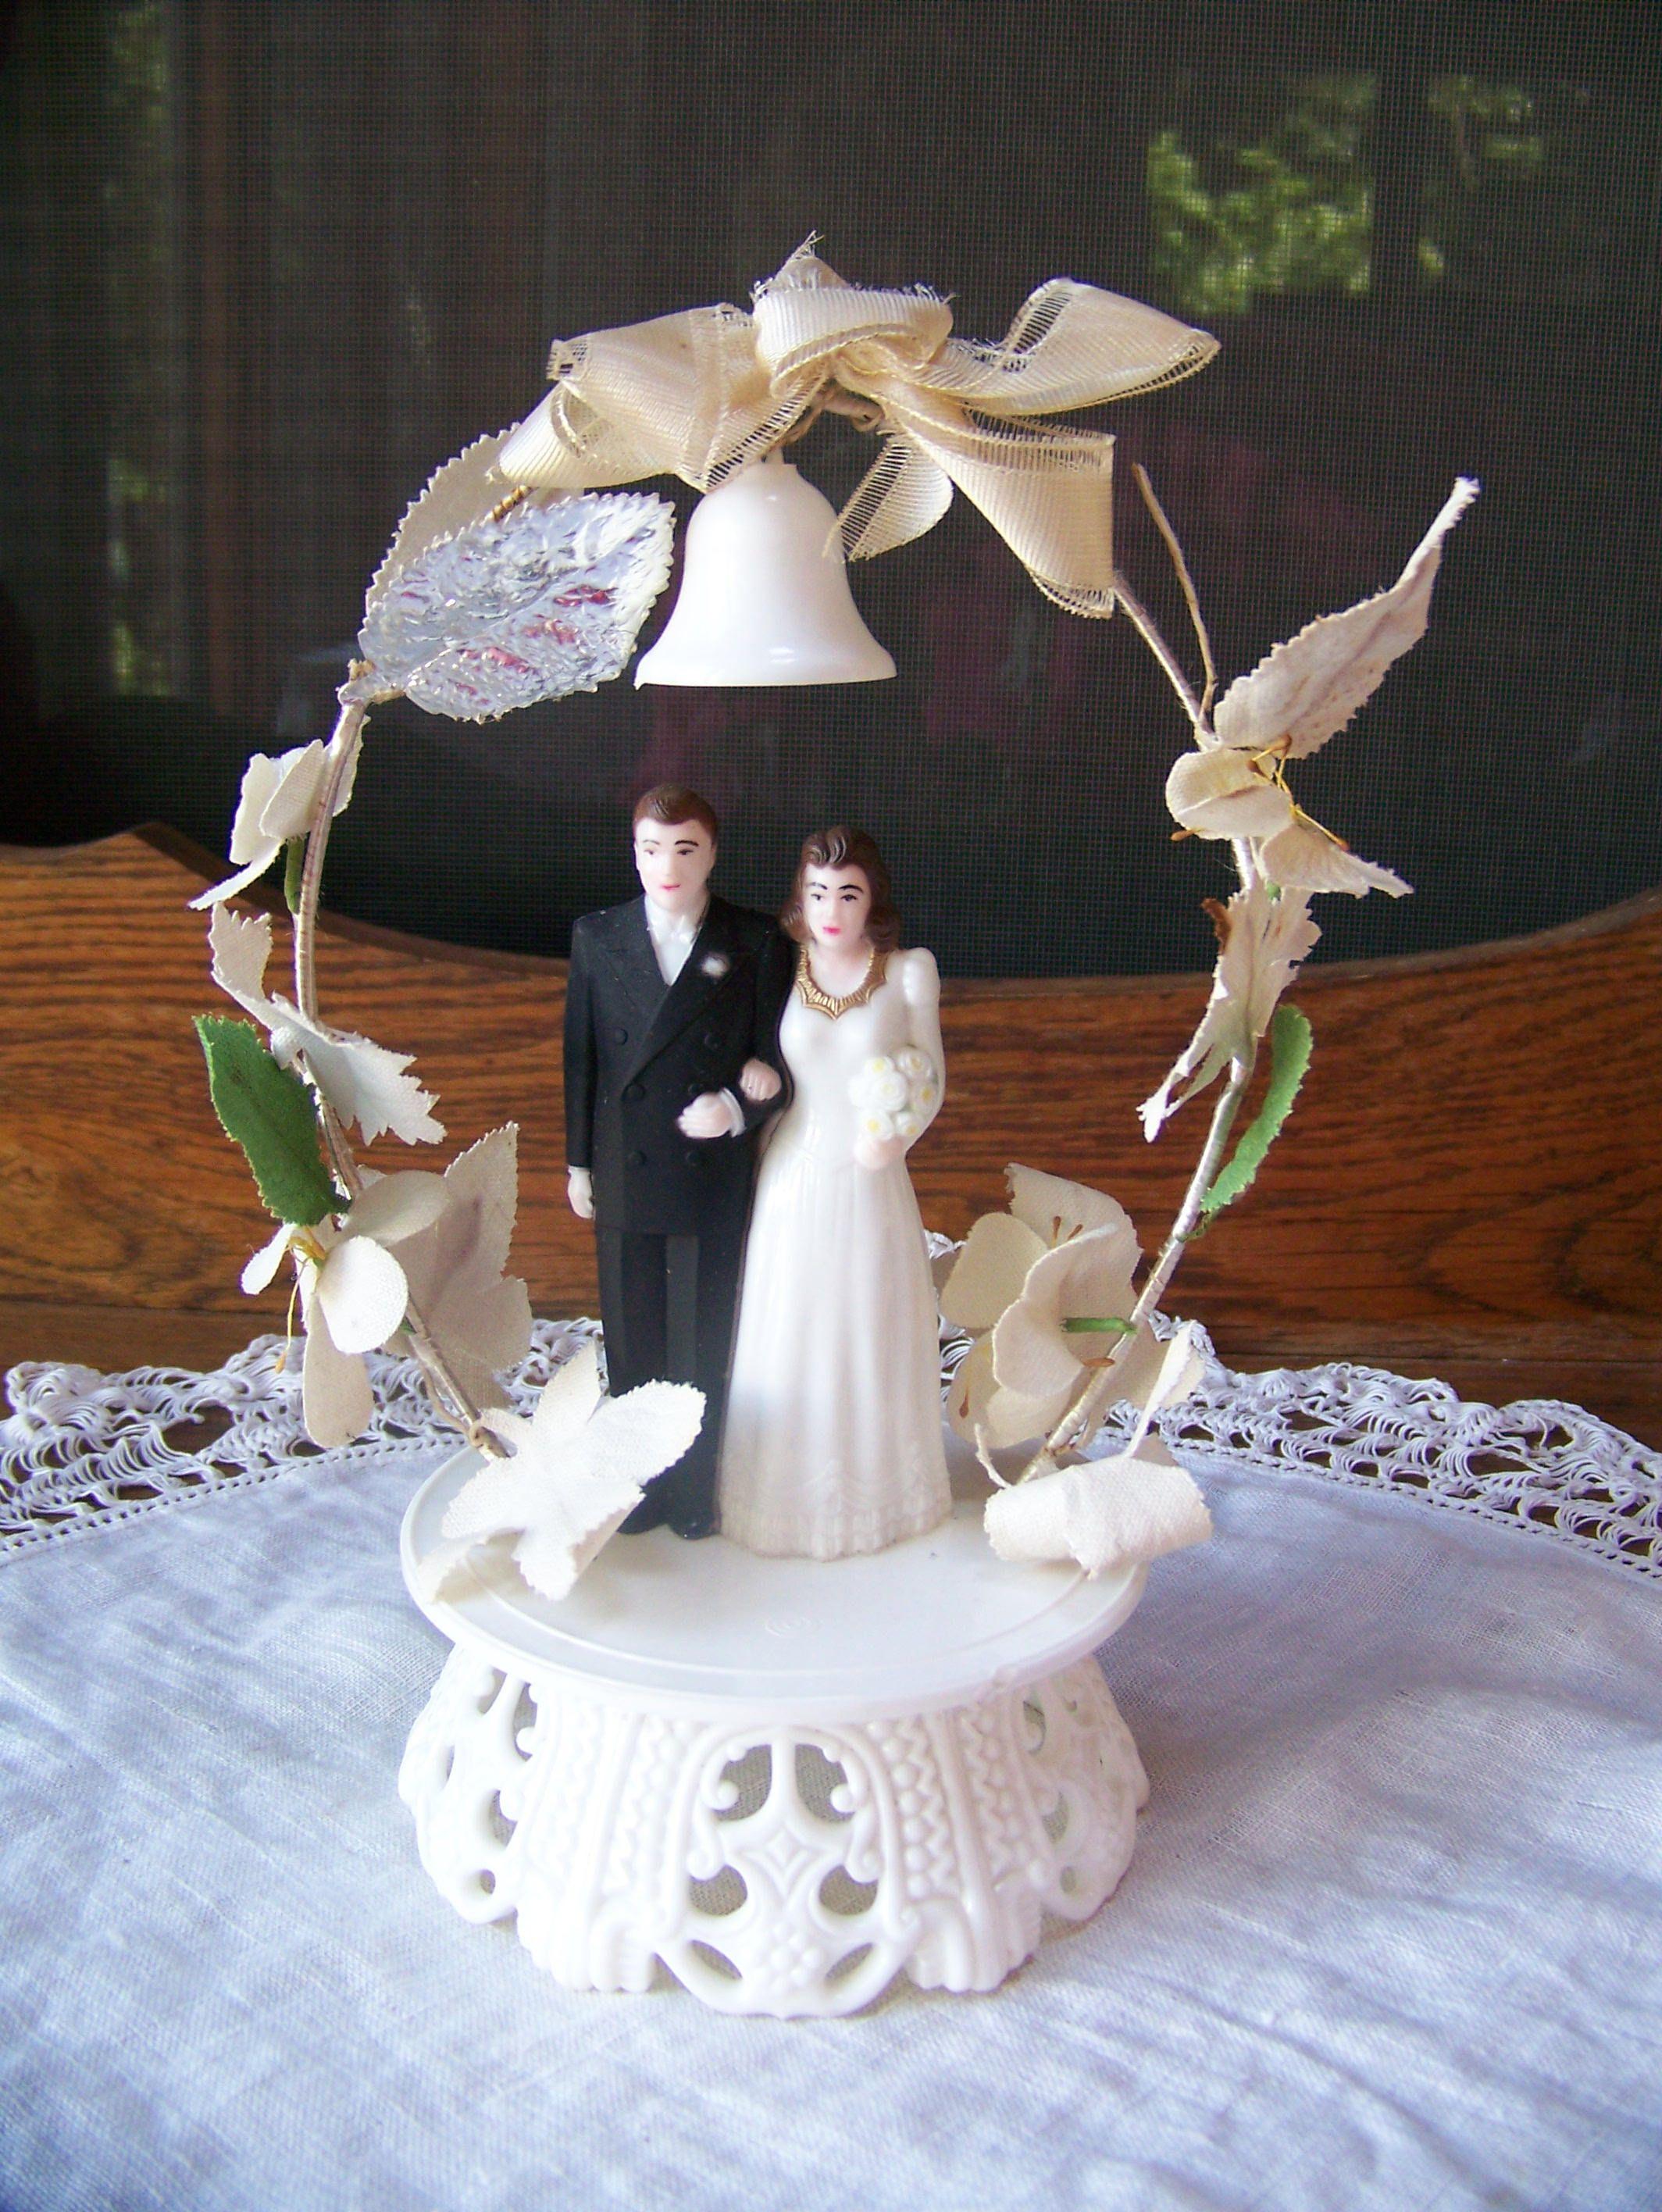 Vintage Wedding Cake Topper 1940 S Or 50 S Vintage Wedding Decor